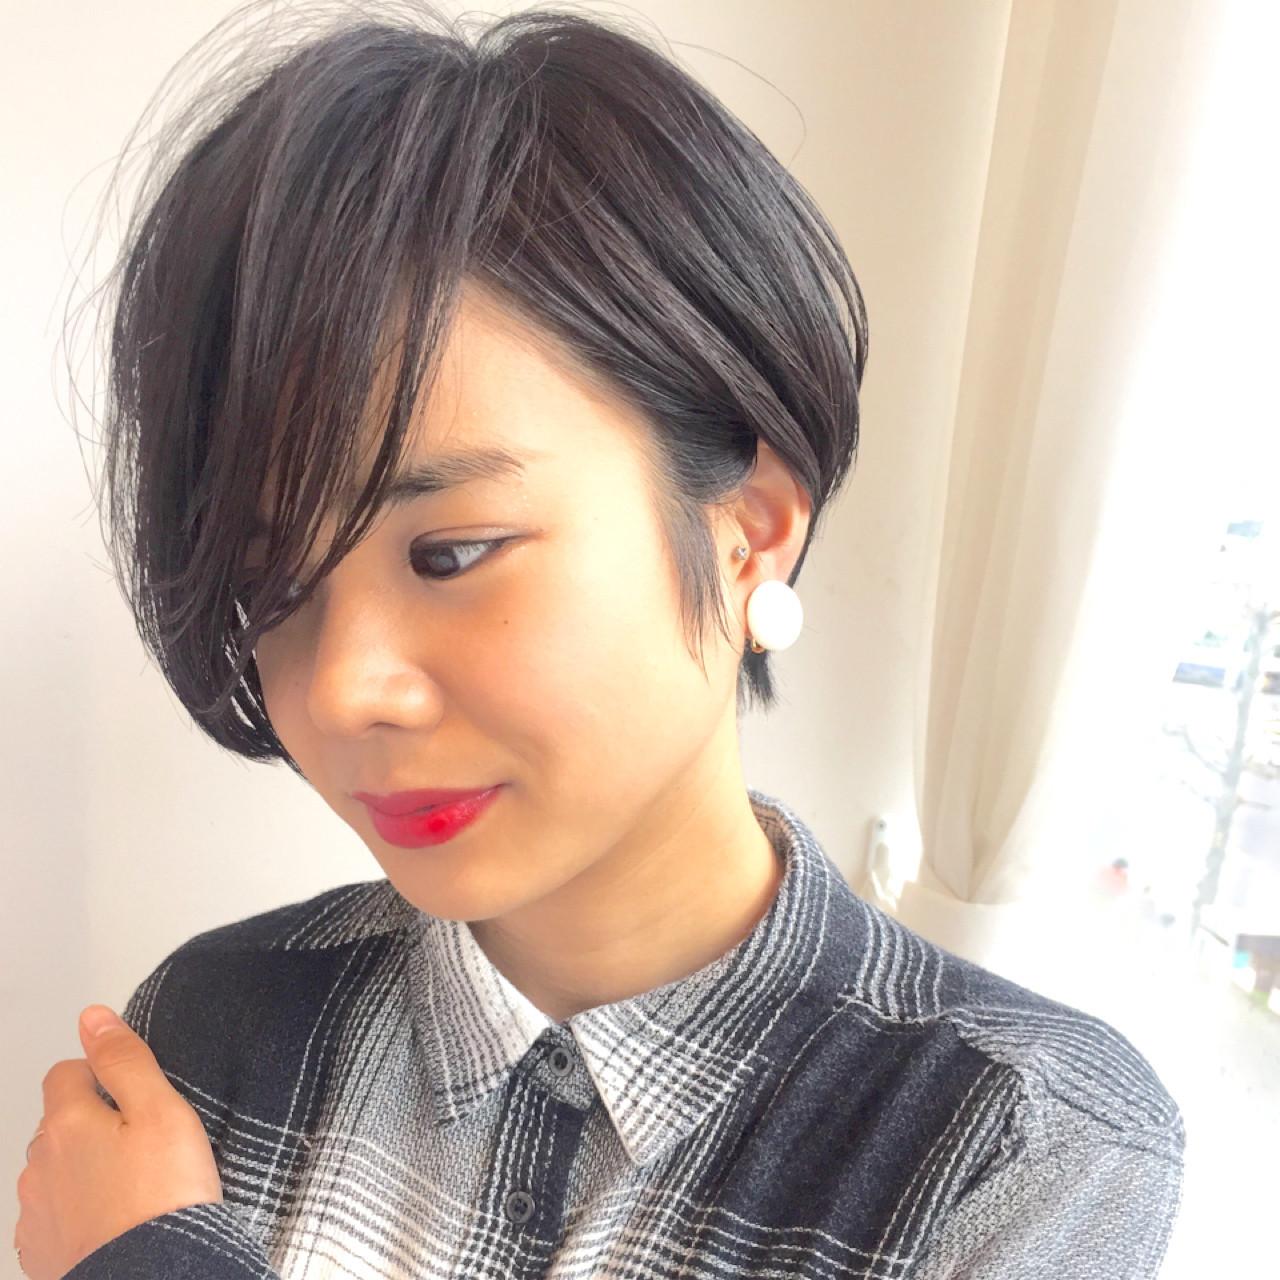 ボーイッシュ 暗髪 うざバング 黒髪 ヘアスタイルや髪型の写真・画像